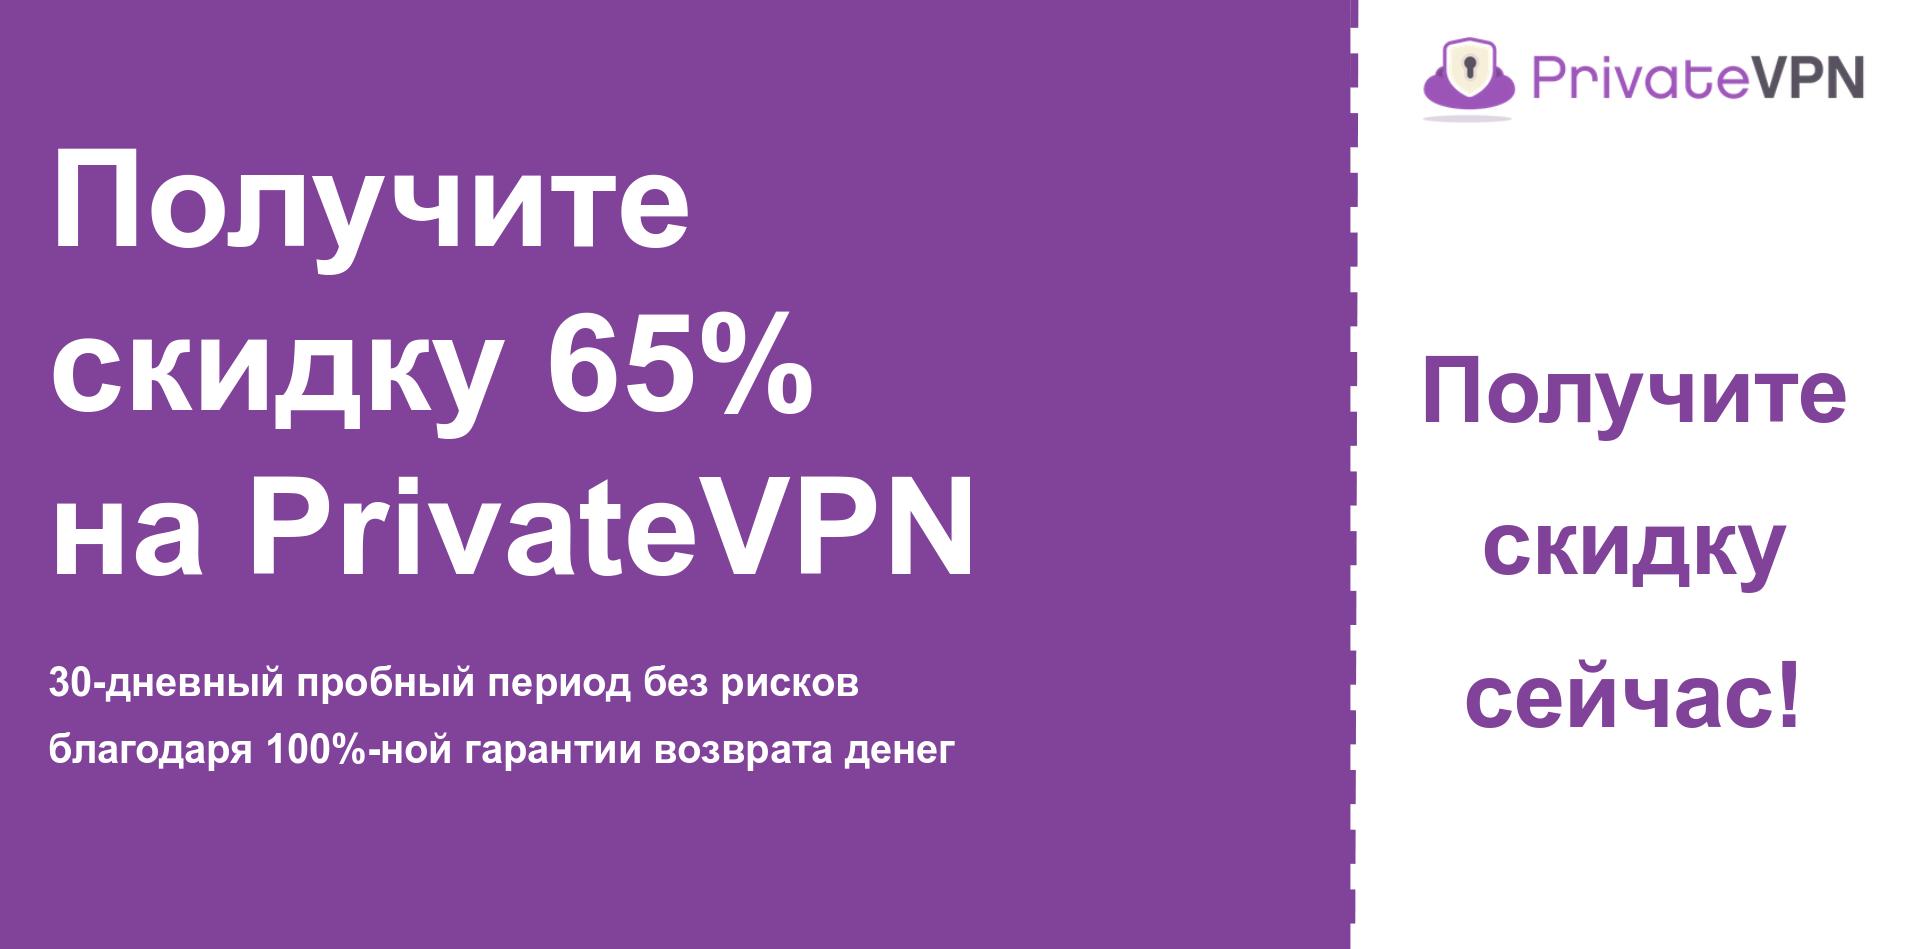 изображение баннера основного купона PrivateVPN с 65% скидкой